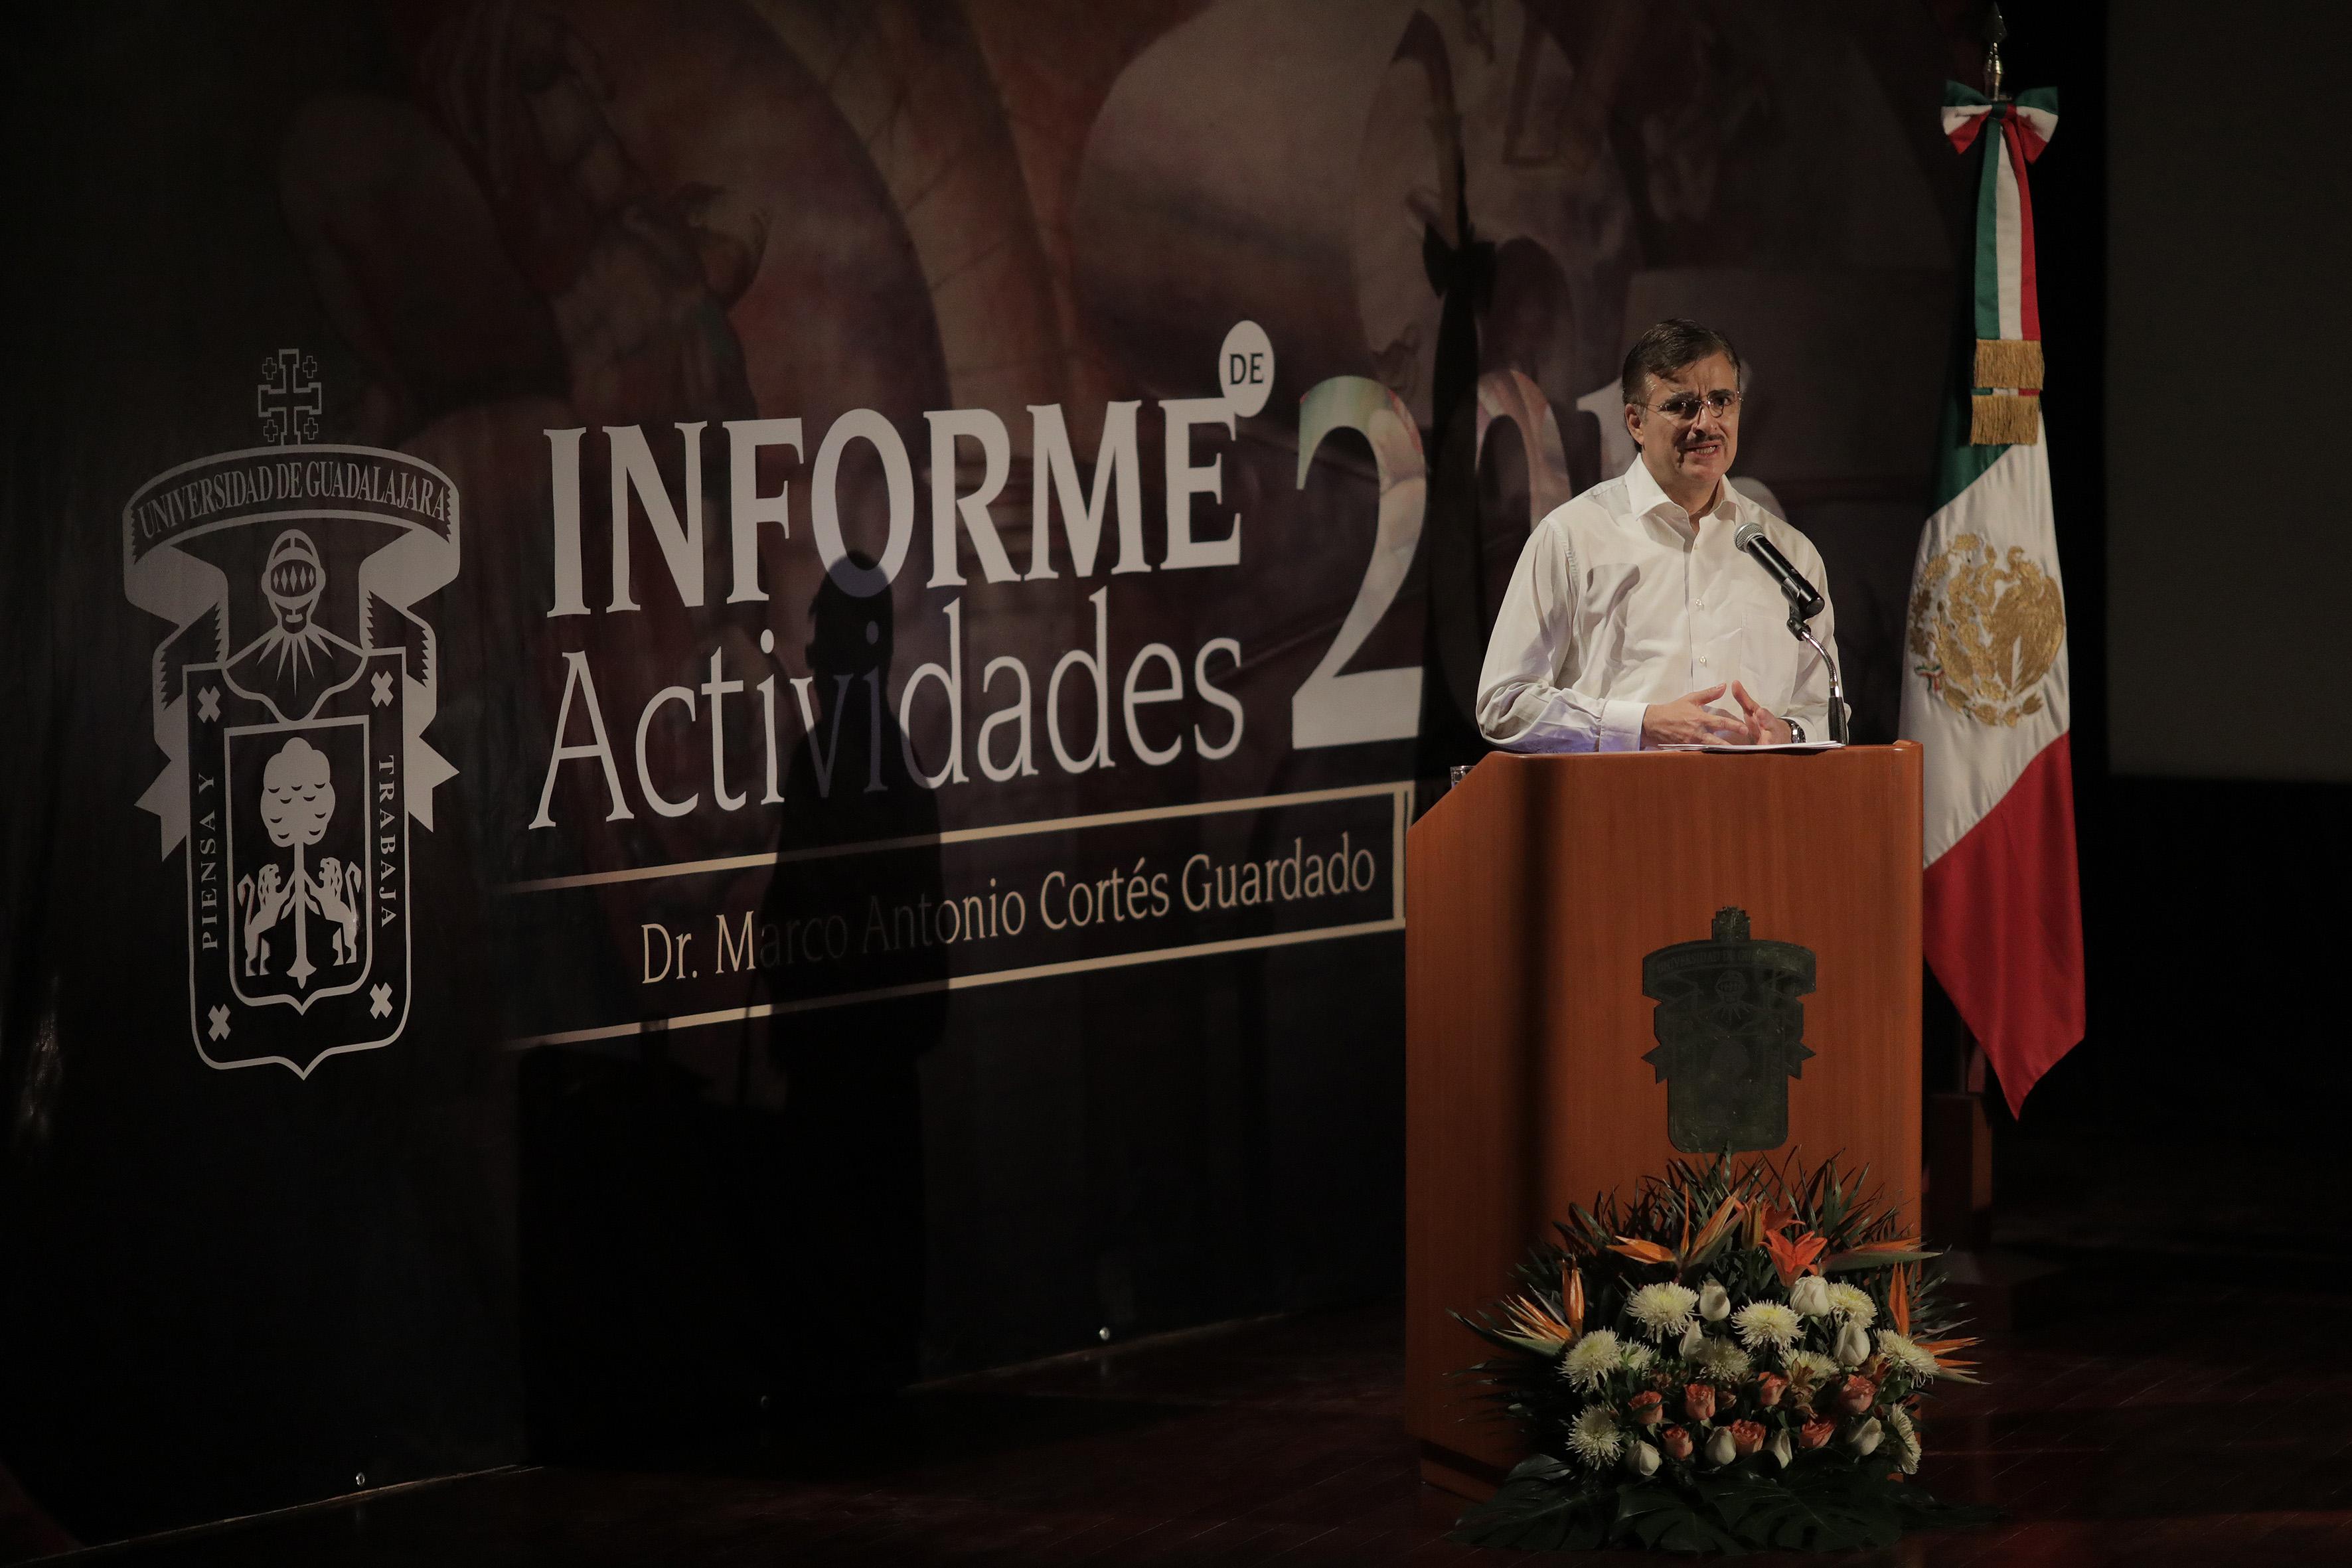 Rector General de la UdeG, maestro Itzcóatl Tonatiuh Bravo Padilla, en podium del auditorio del centro univesitario, haciendo uso de la palabra.